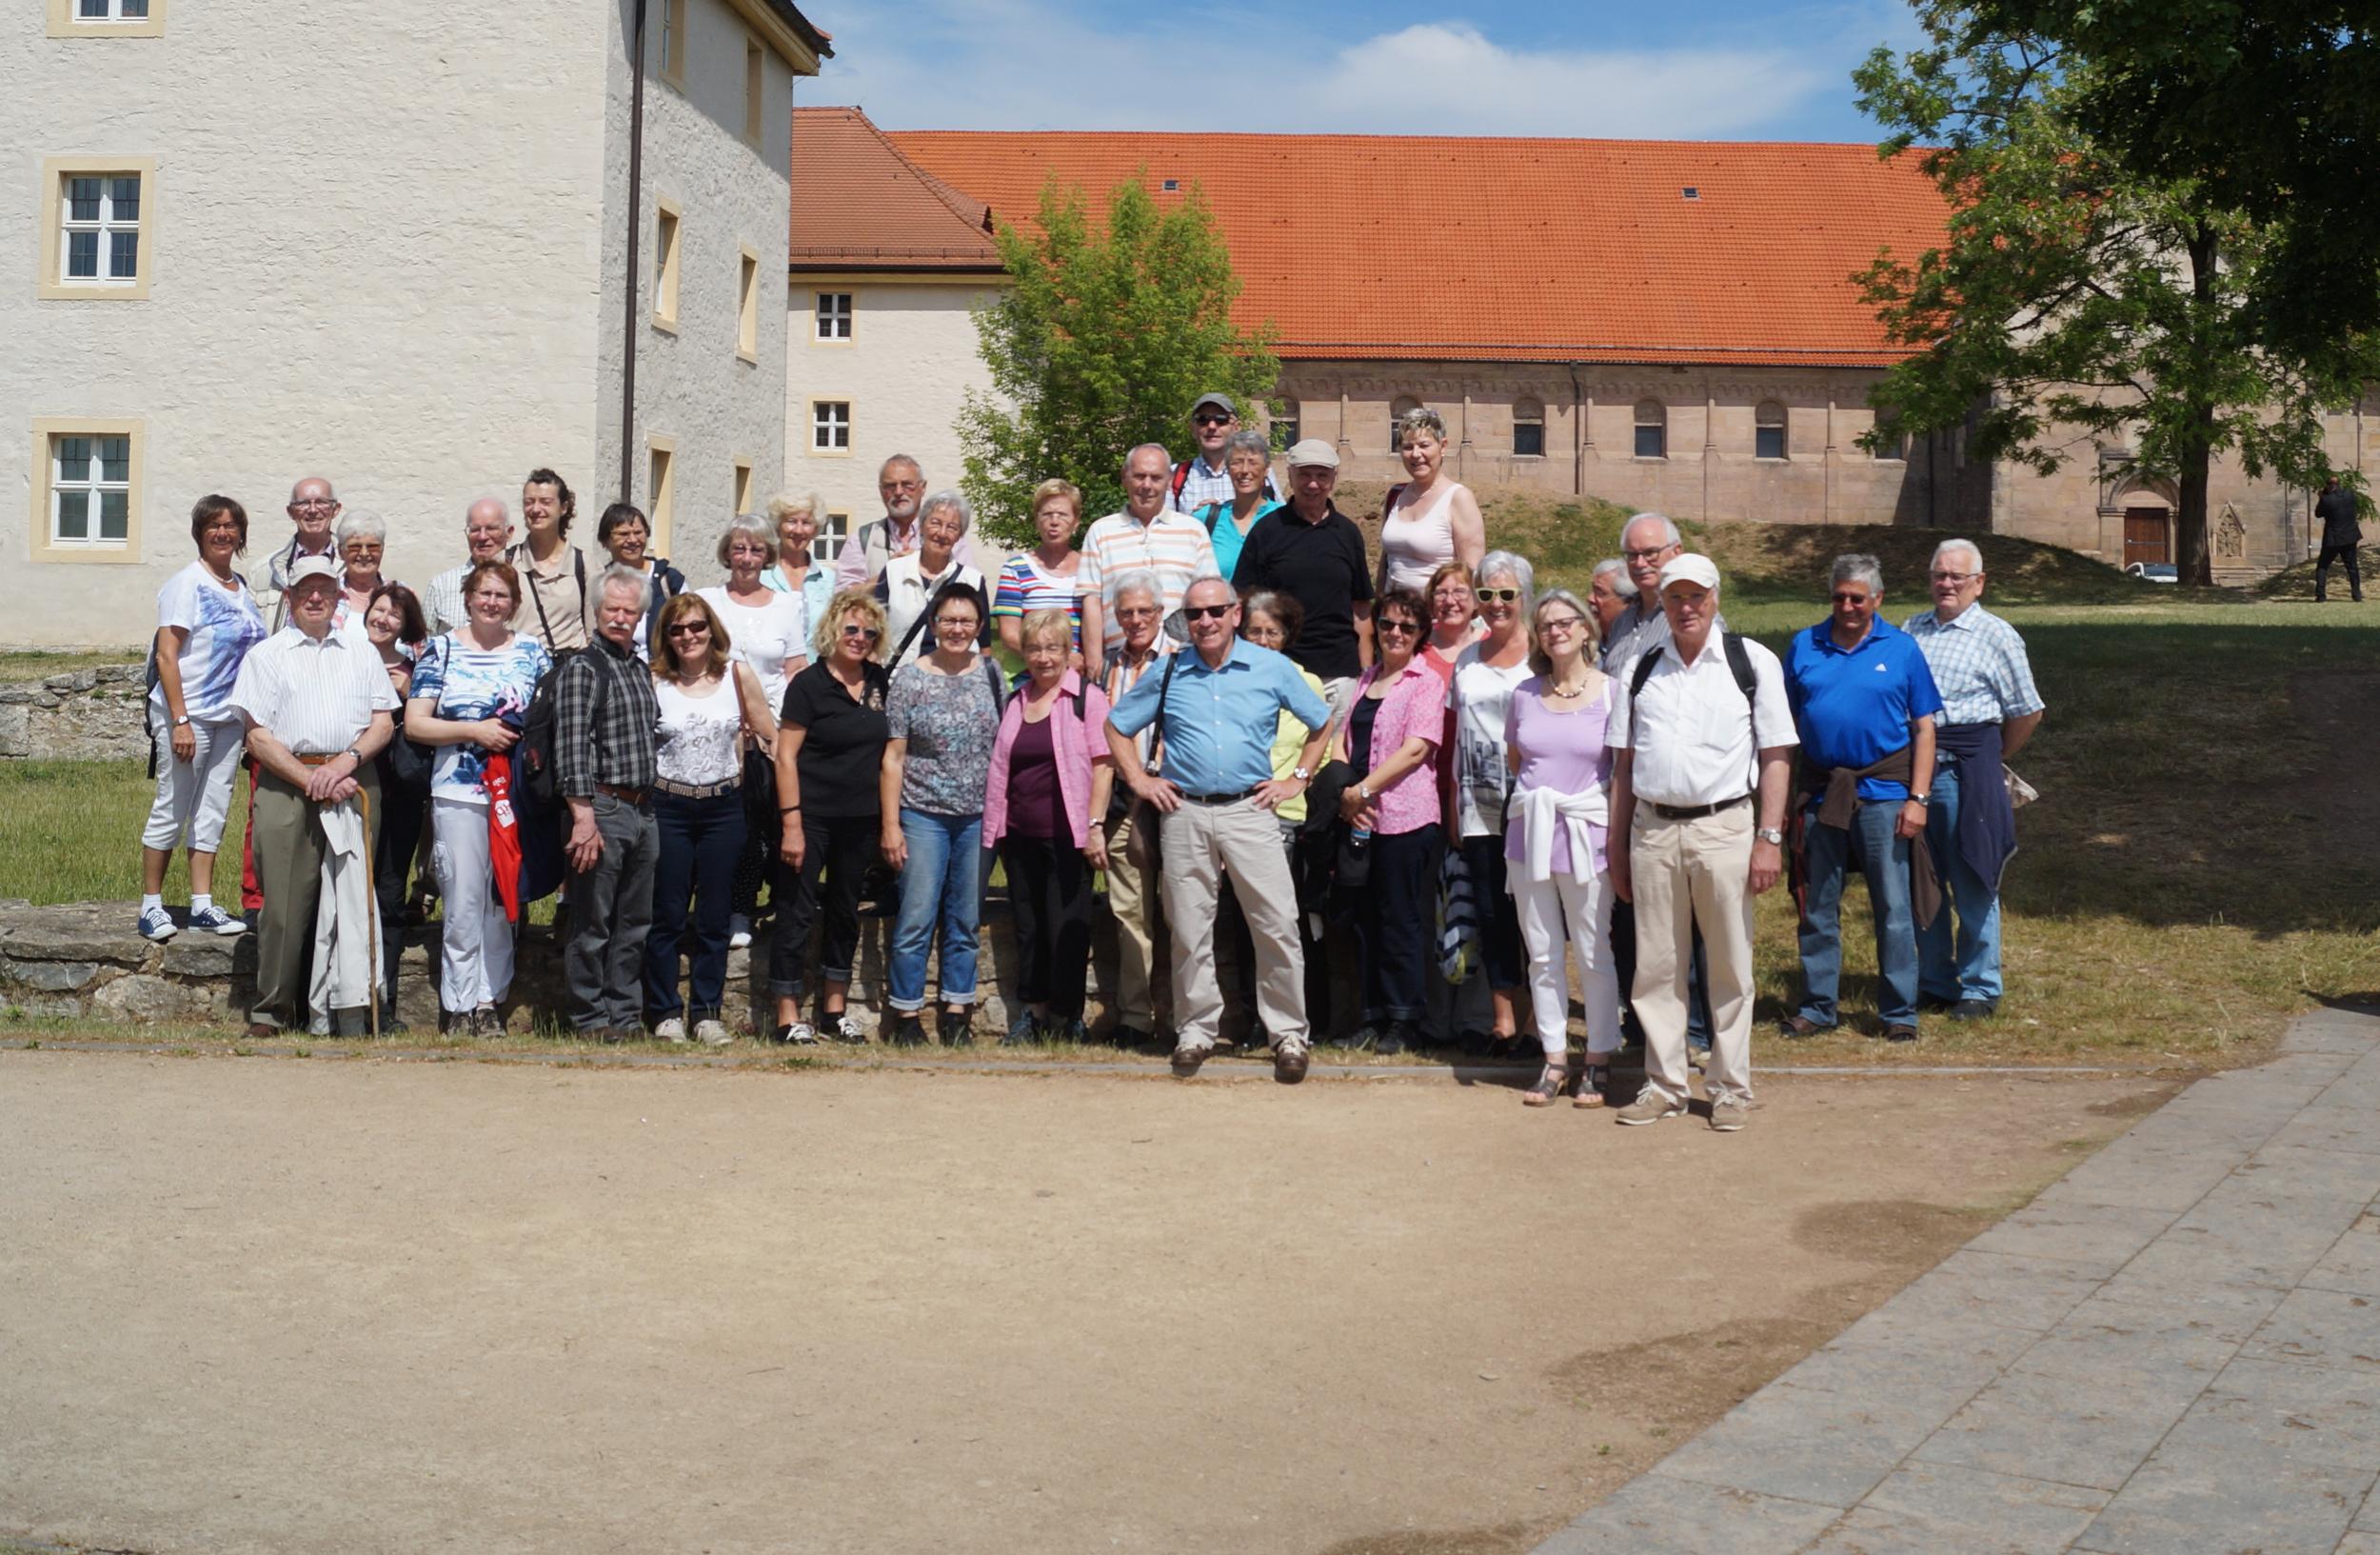 Niederelberter Kulturverein besuchte Weimar und Erfurt